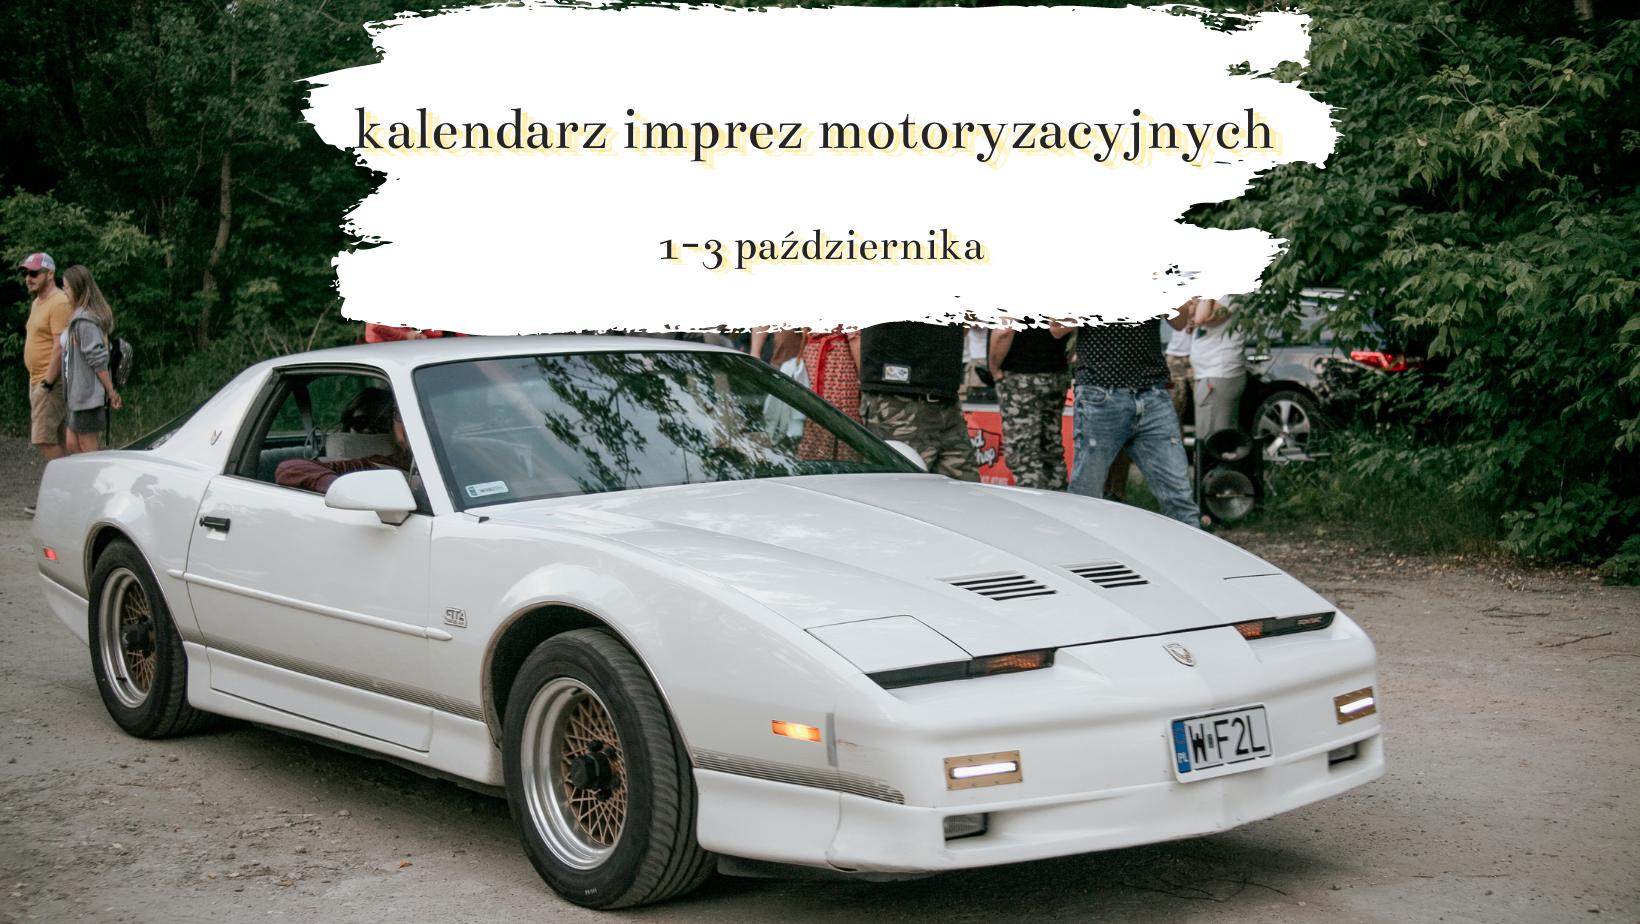 Weekendowy rozkład jazdy – kalendarz imprez motoryzacyjnych 1-3 października. Co ciekawego?